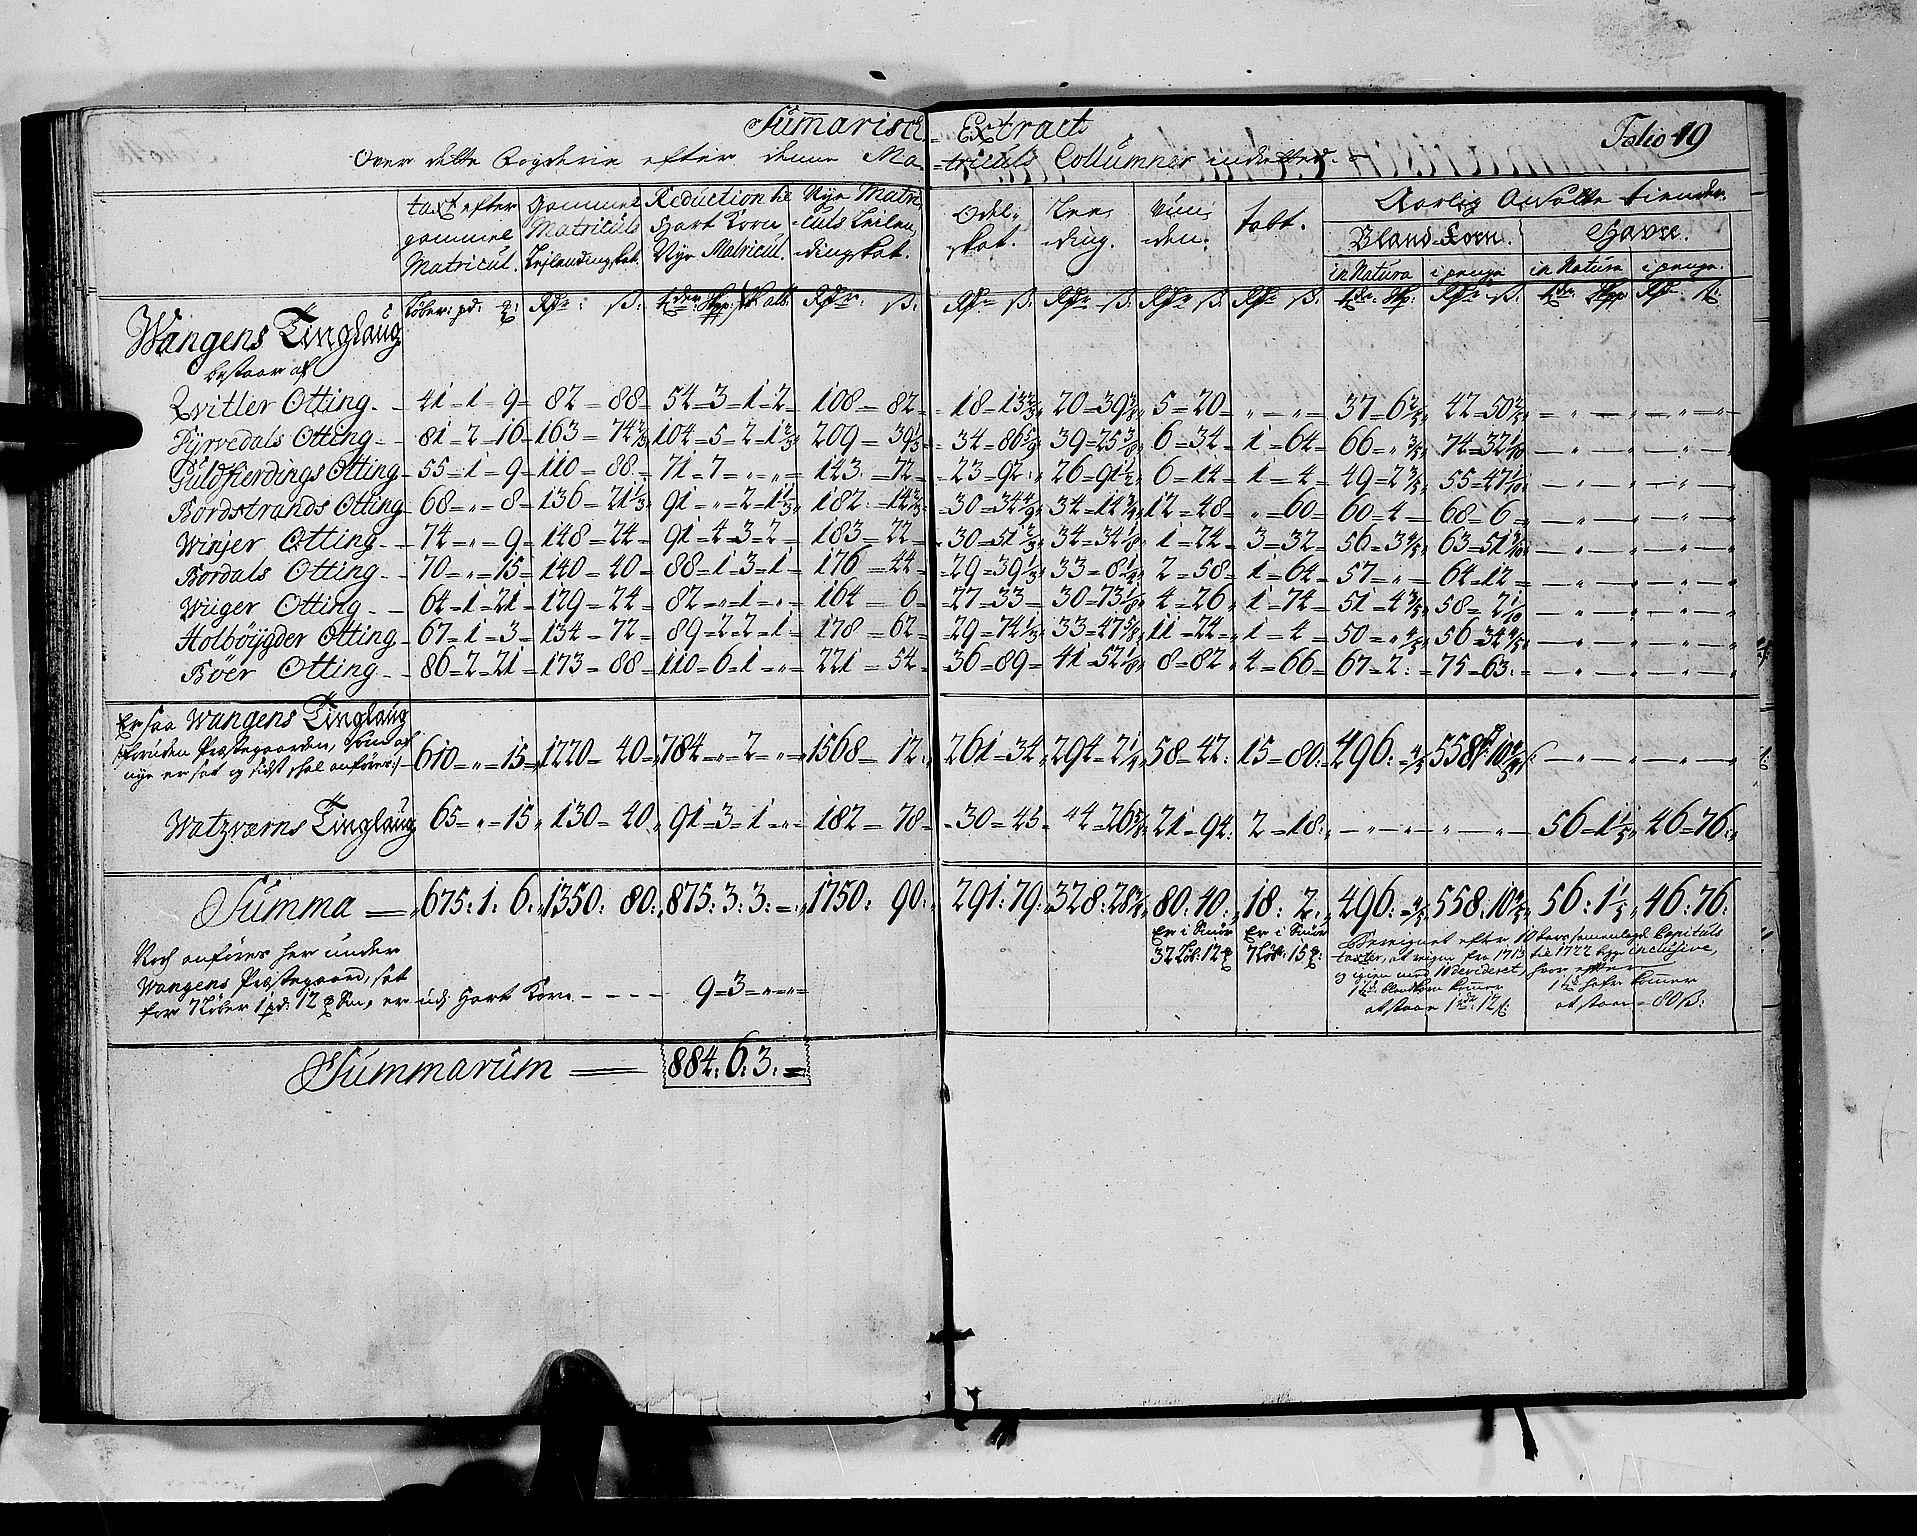 RA, Rentekammeret inntil 1814, Realistisk ordnet avdeling, N/Nb/Nbf/L0142: Voss matrikkelprotokoll, 1723, s. 48b-49a